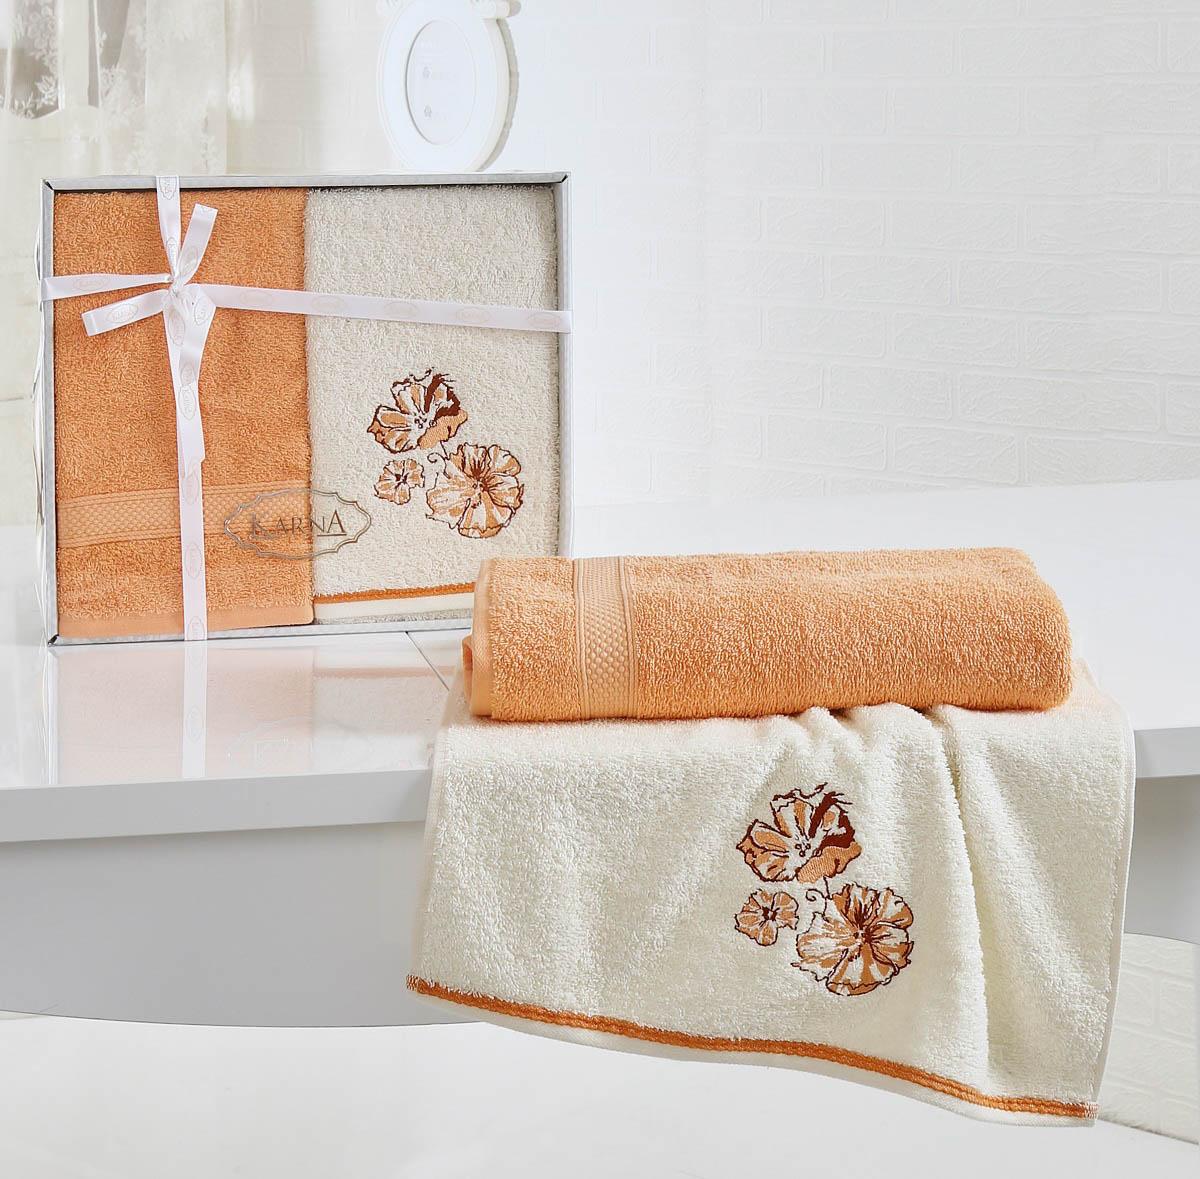 Купить Полотенца Karna, Полотенце Rodos Цвет: Абрикосовый (Набор), Турция, Оранжевый, Махра